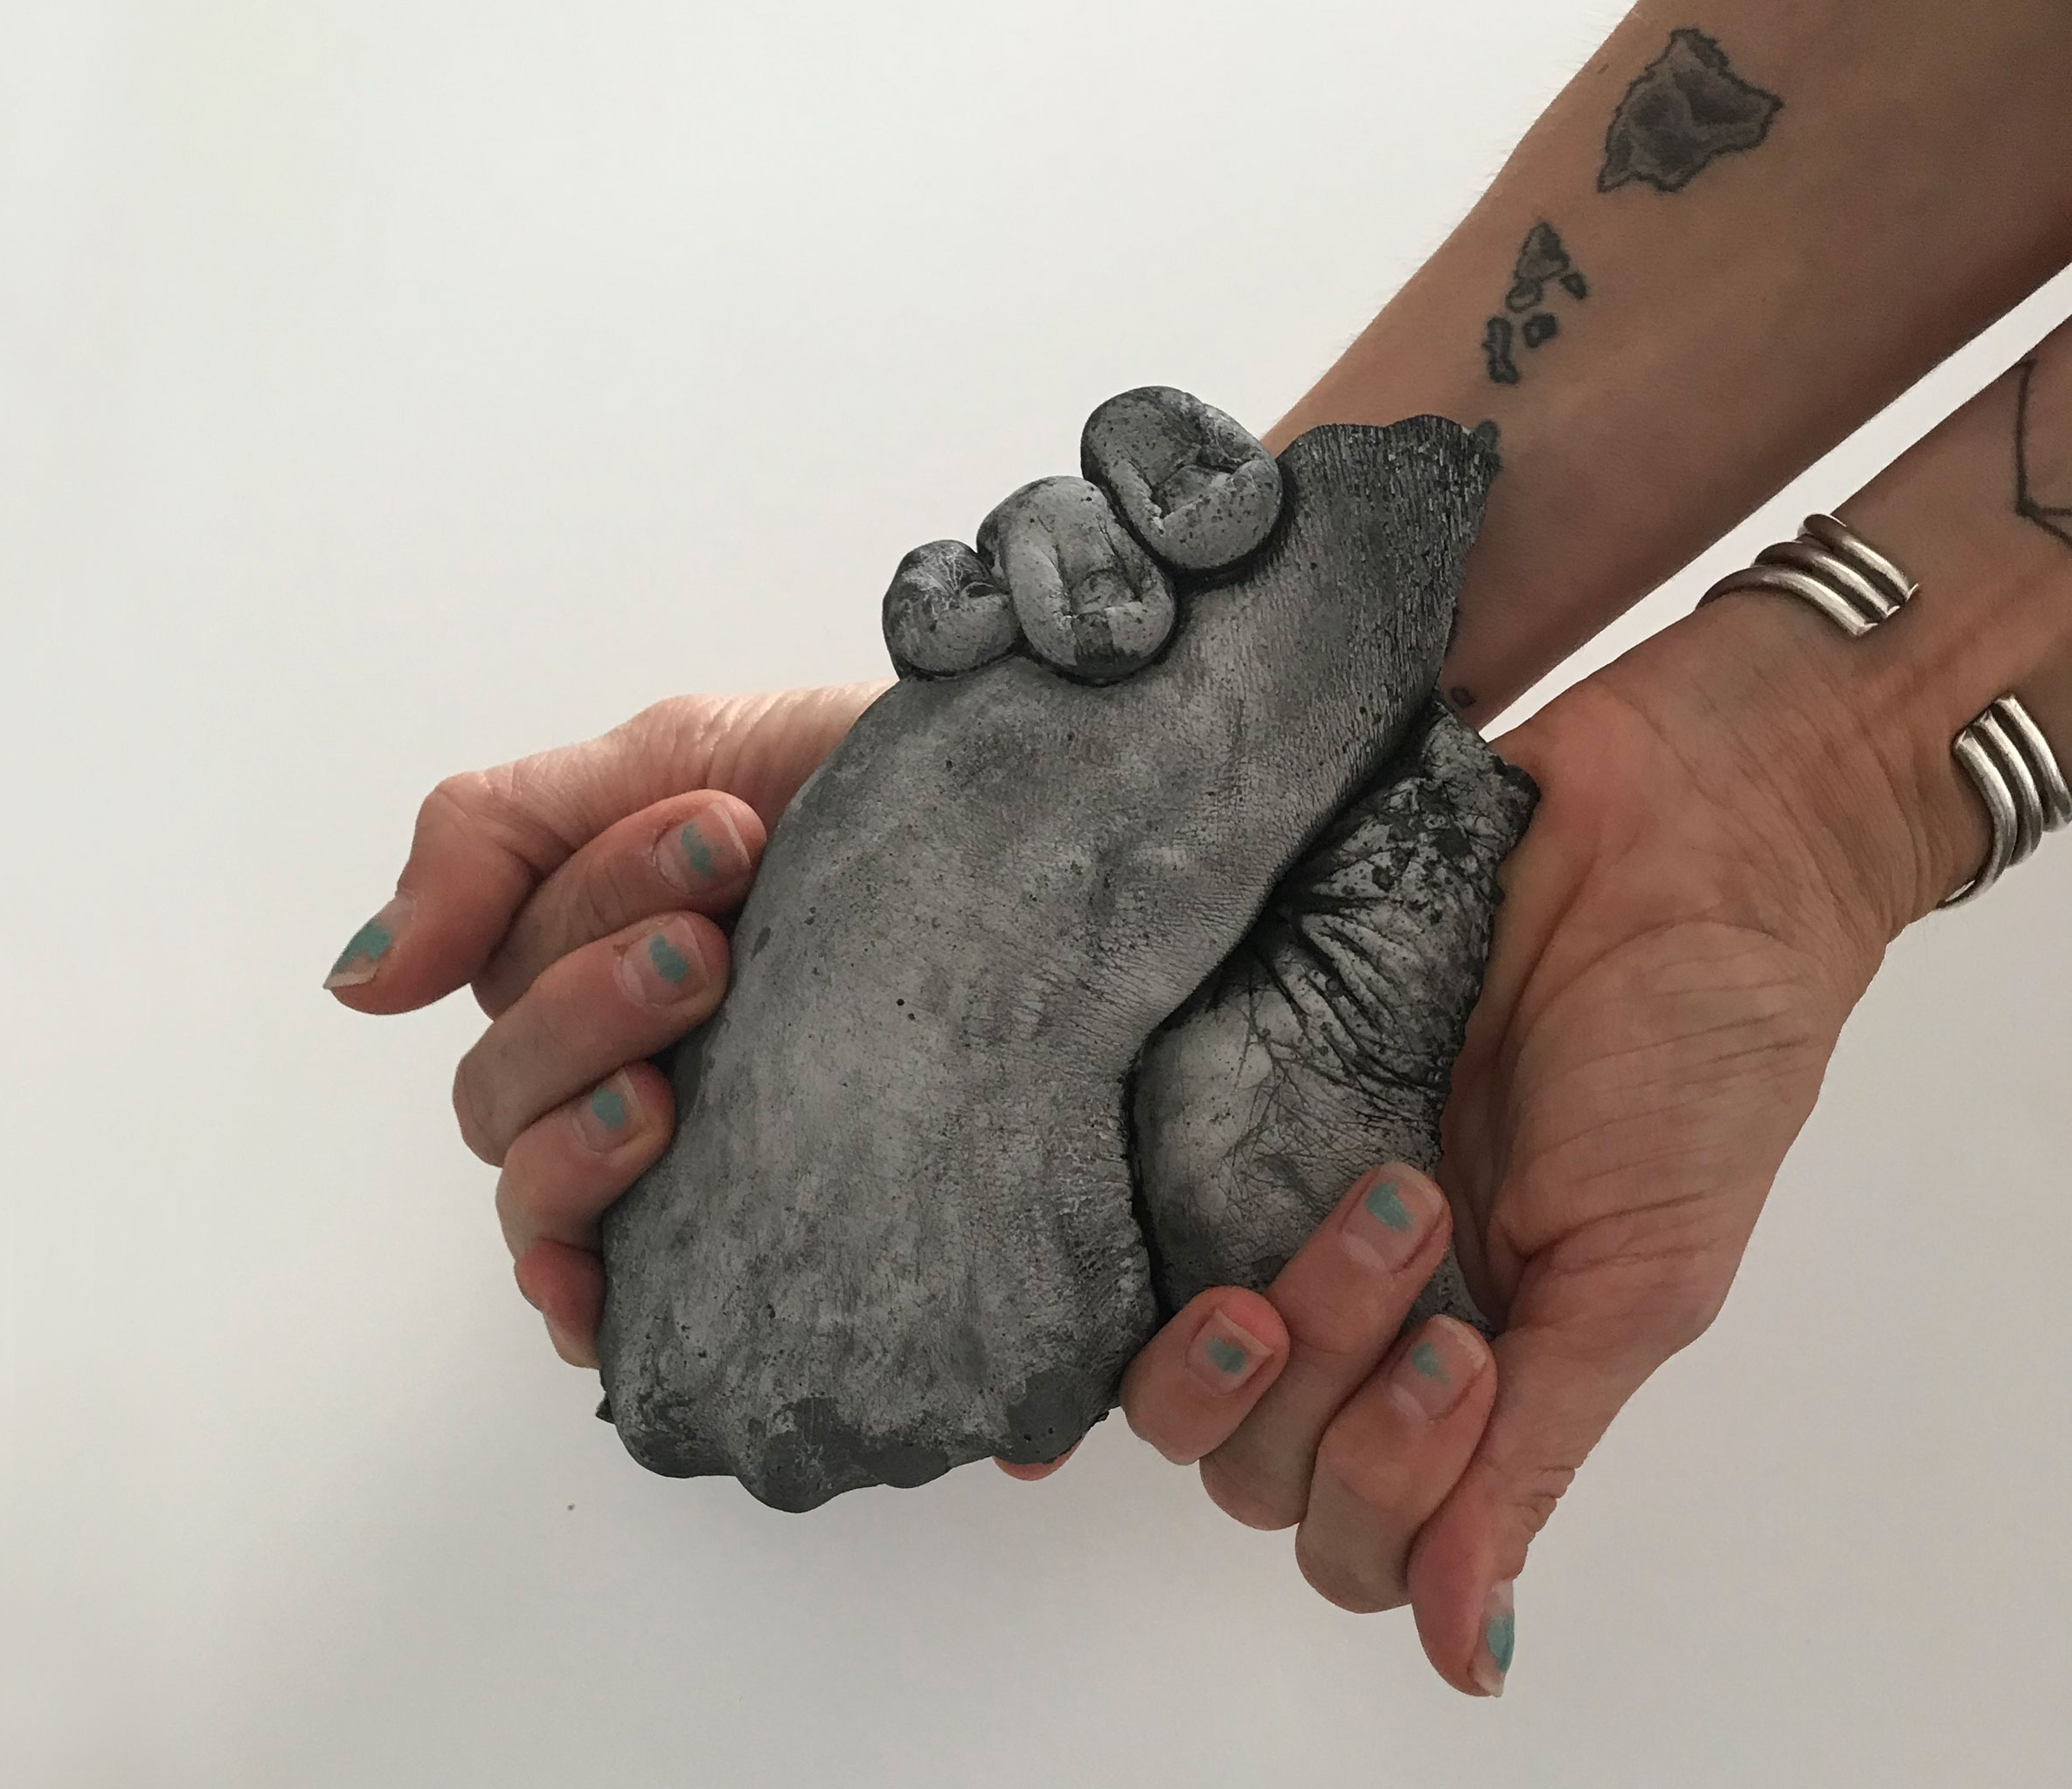 Wendy Richmond hand sculpture My hands in Marne's